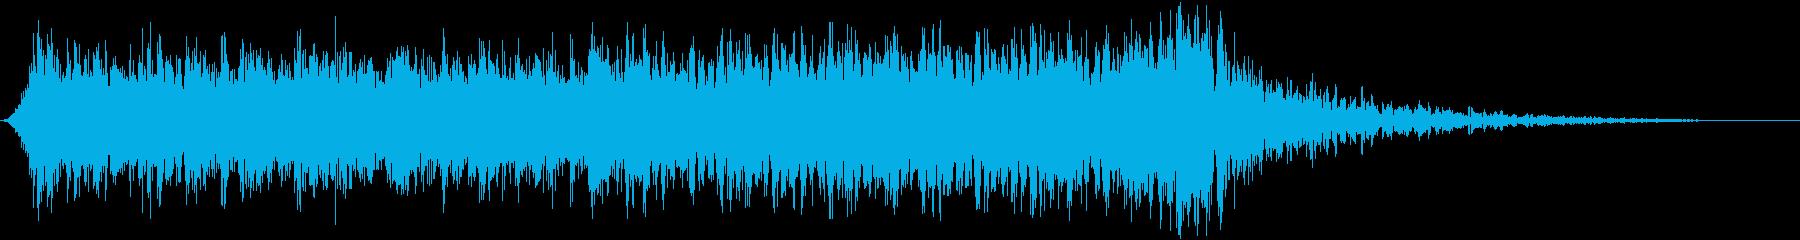 ヒロイックなエピックロックサウンドロゴの再生済みの波形